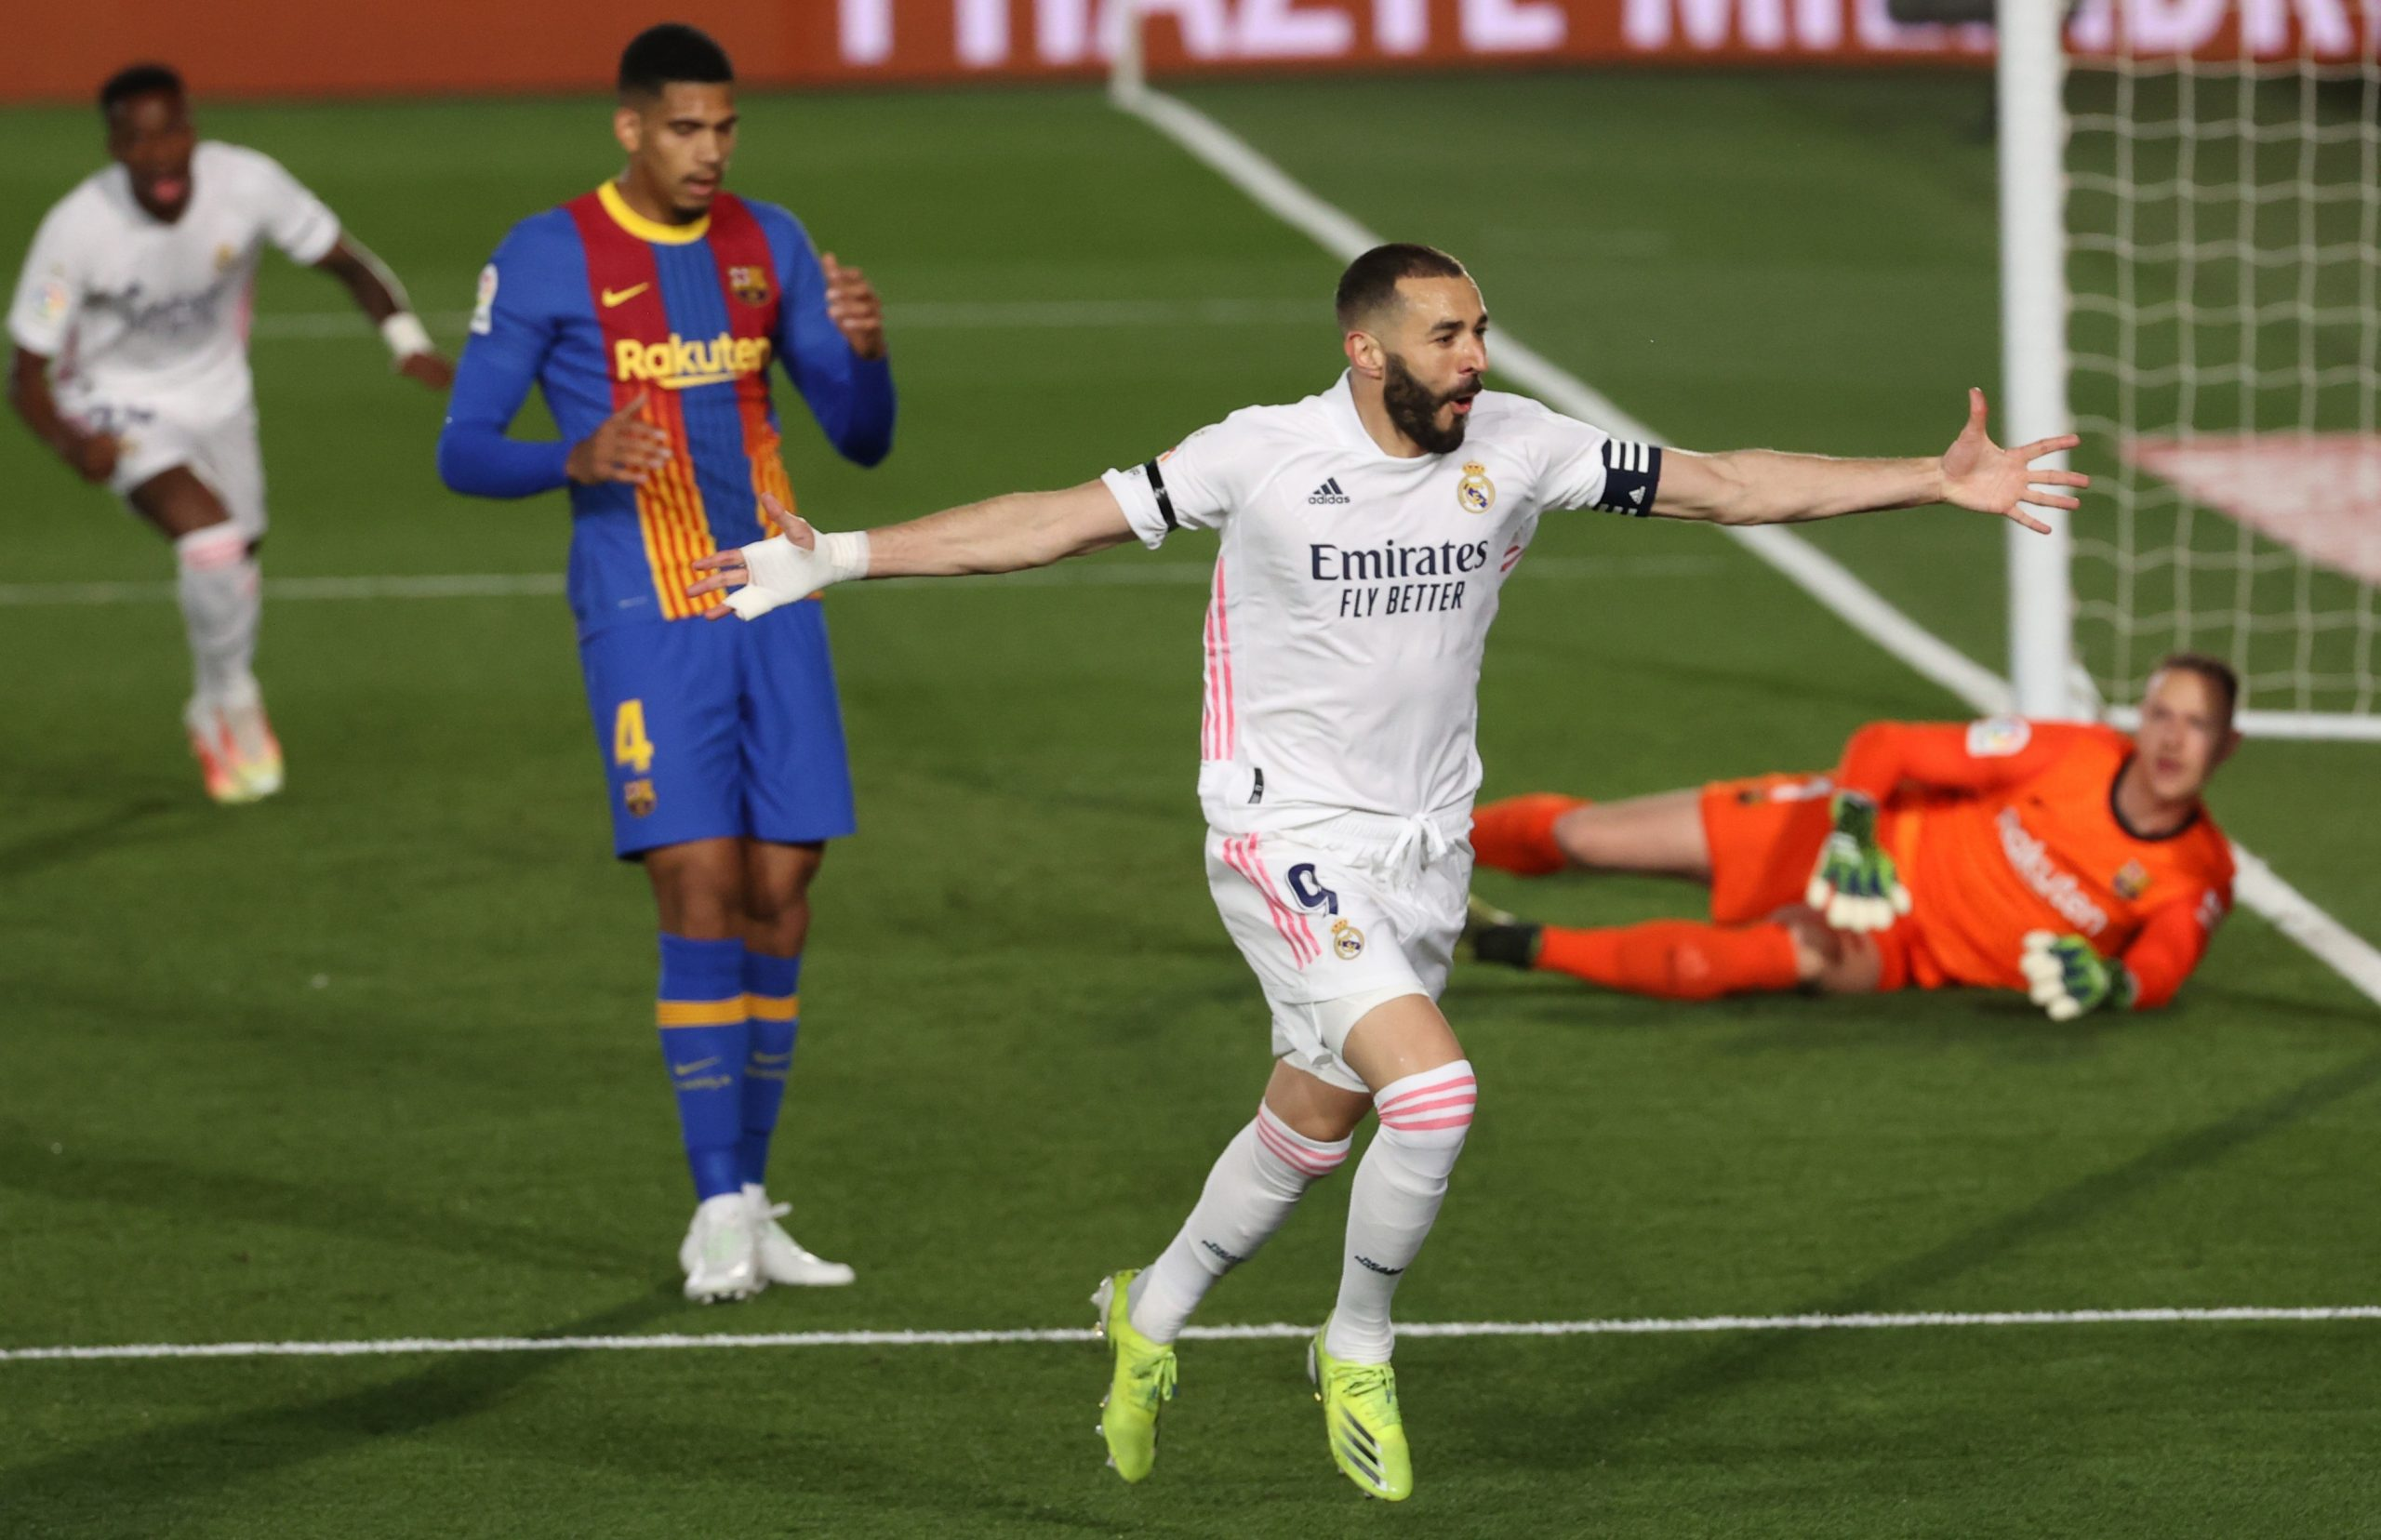 ¡Supremacía Blanca! Real Madrid doblega 2-1 al Barcelona en un tormentoso Clásico